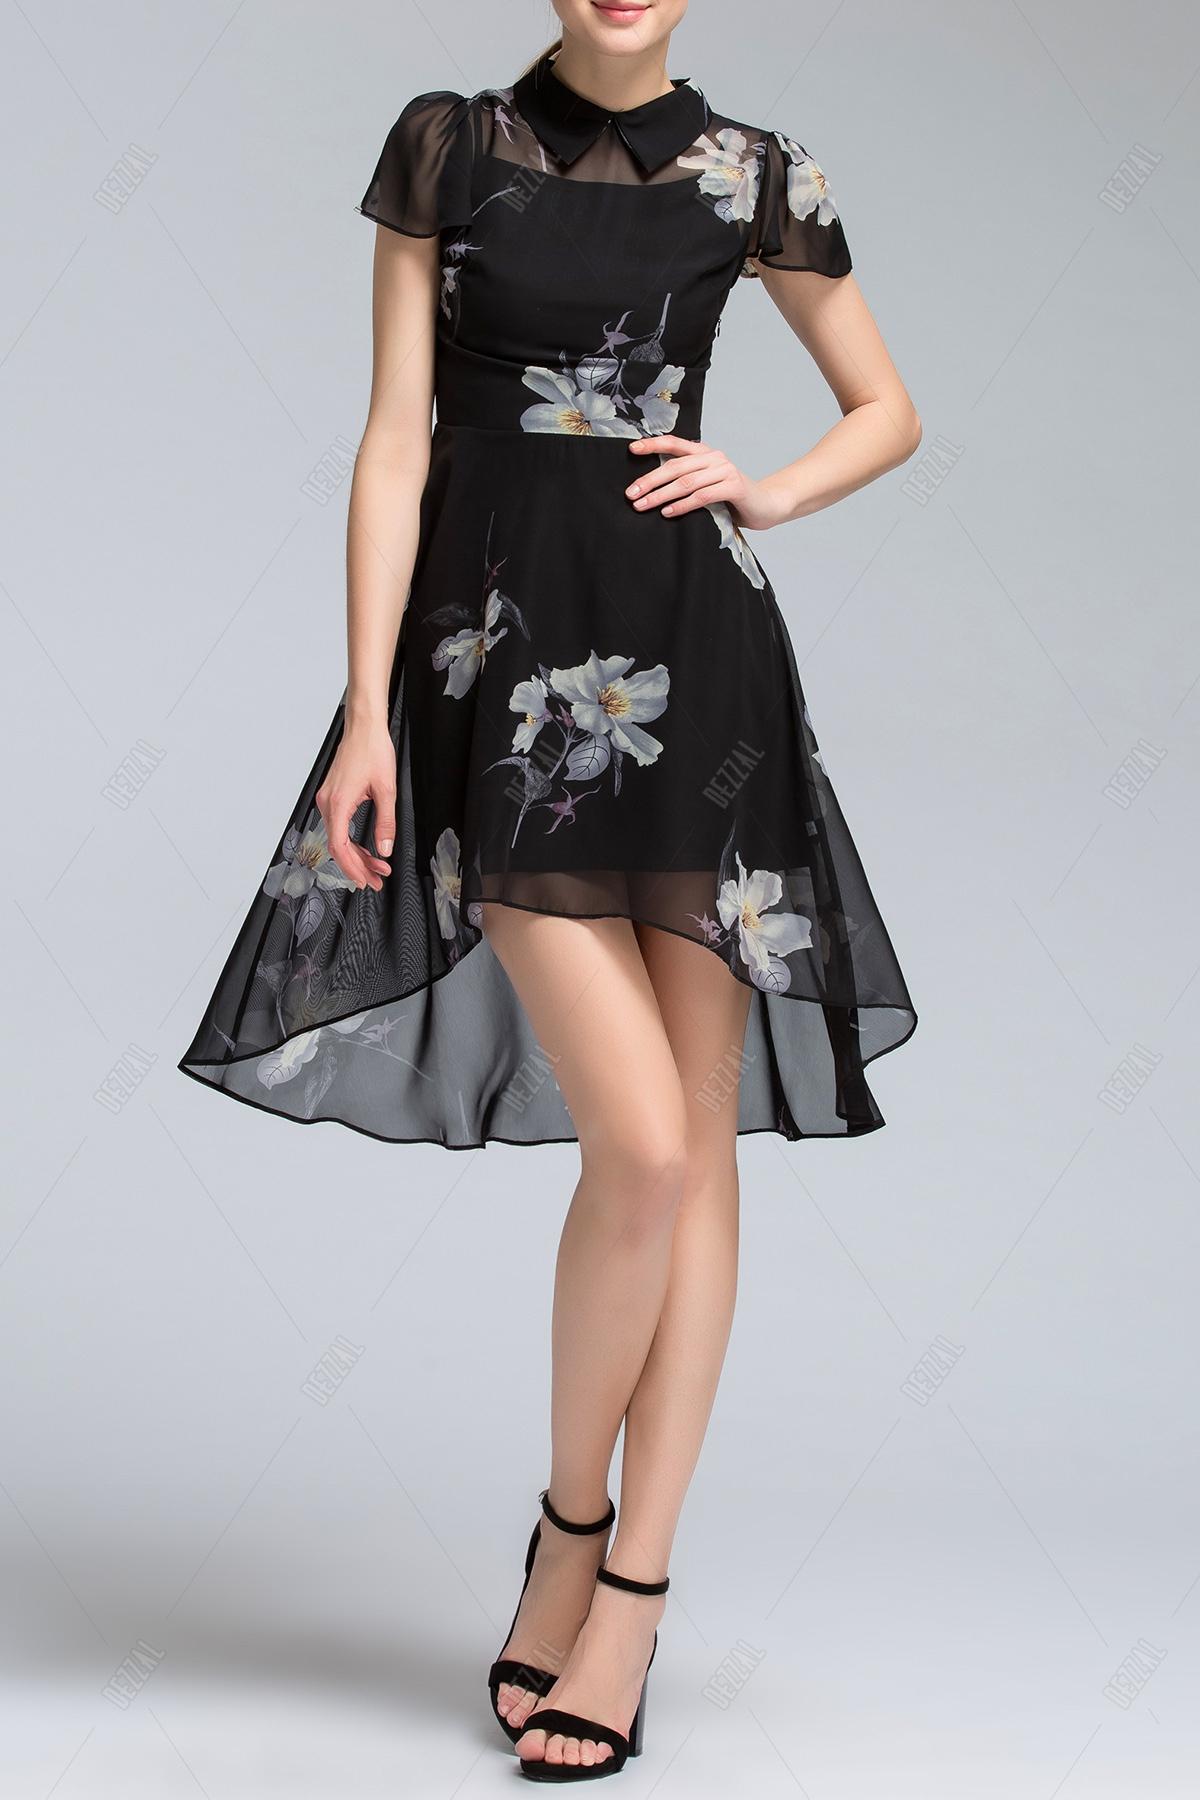 Flat Collar Irregular Dress